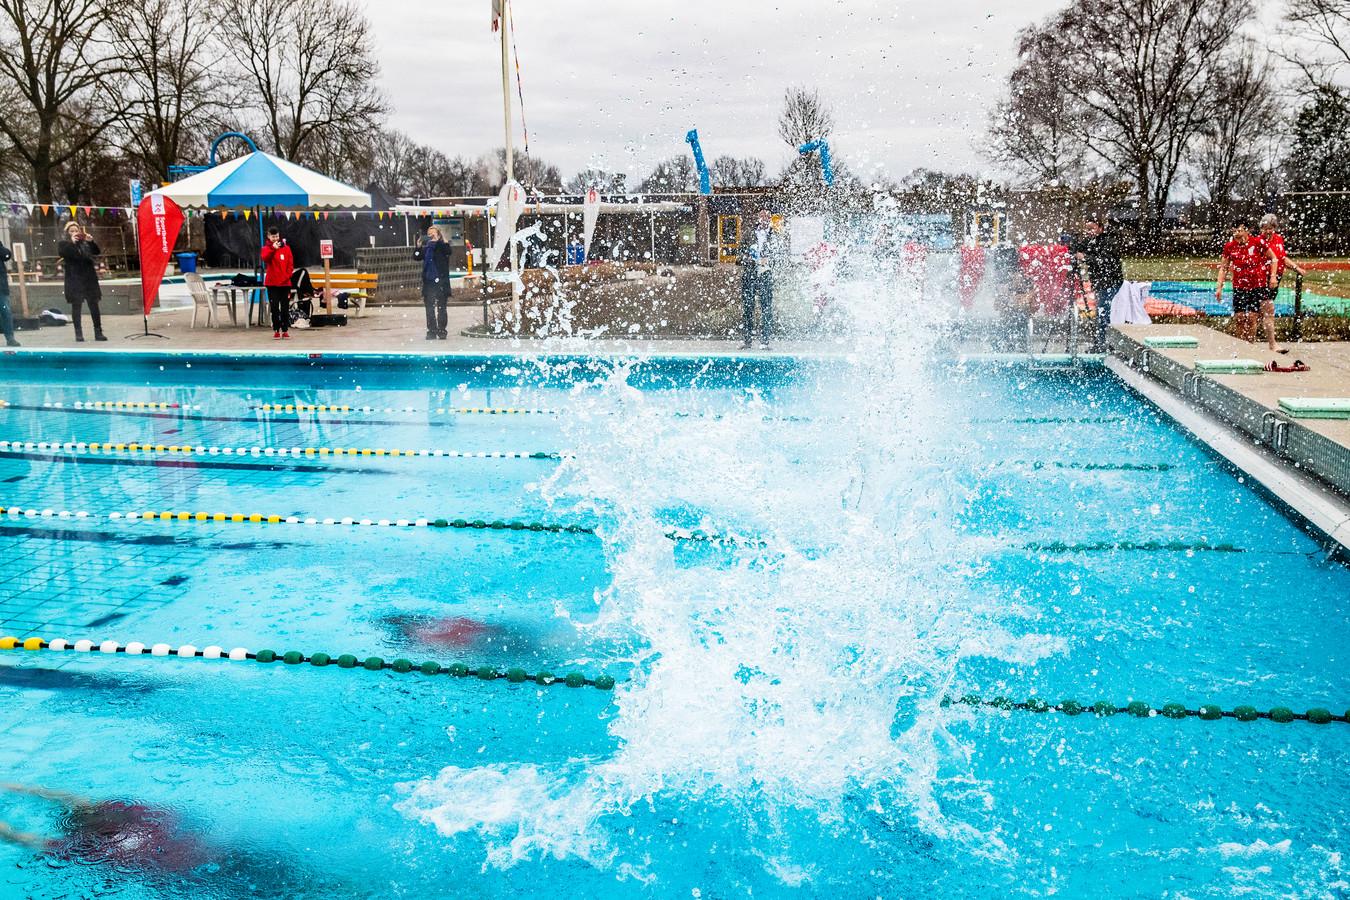 Zwembad De Tippe in Heino opende dit jaar al begin maart, extra vroeg vanwege de coronacrisis (archieffoto).